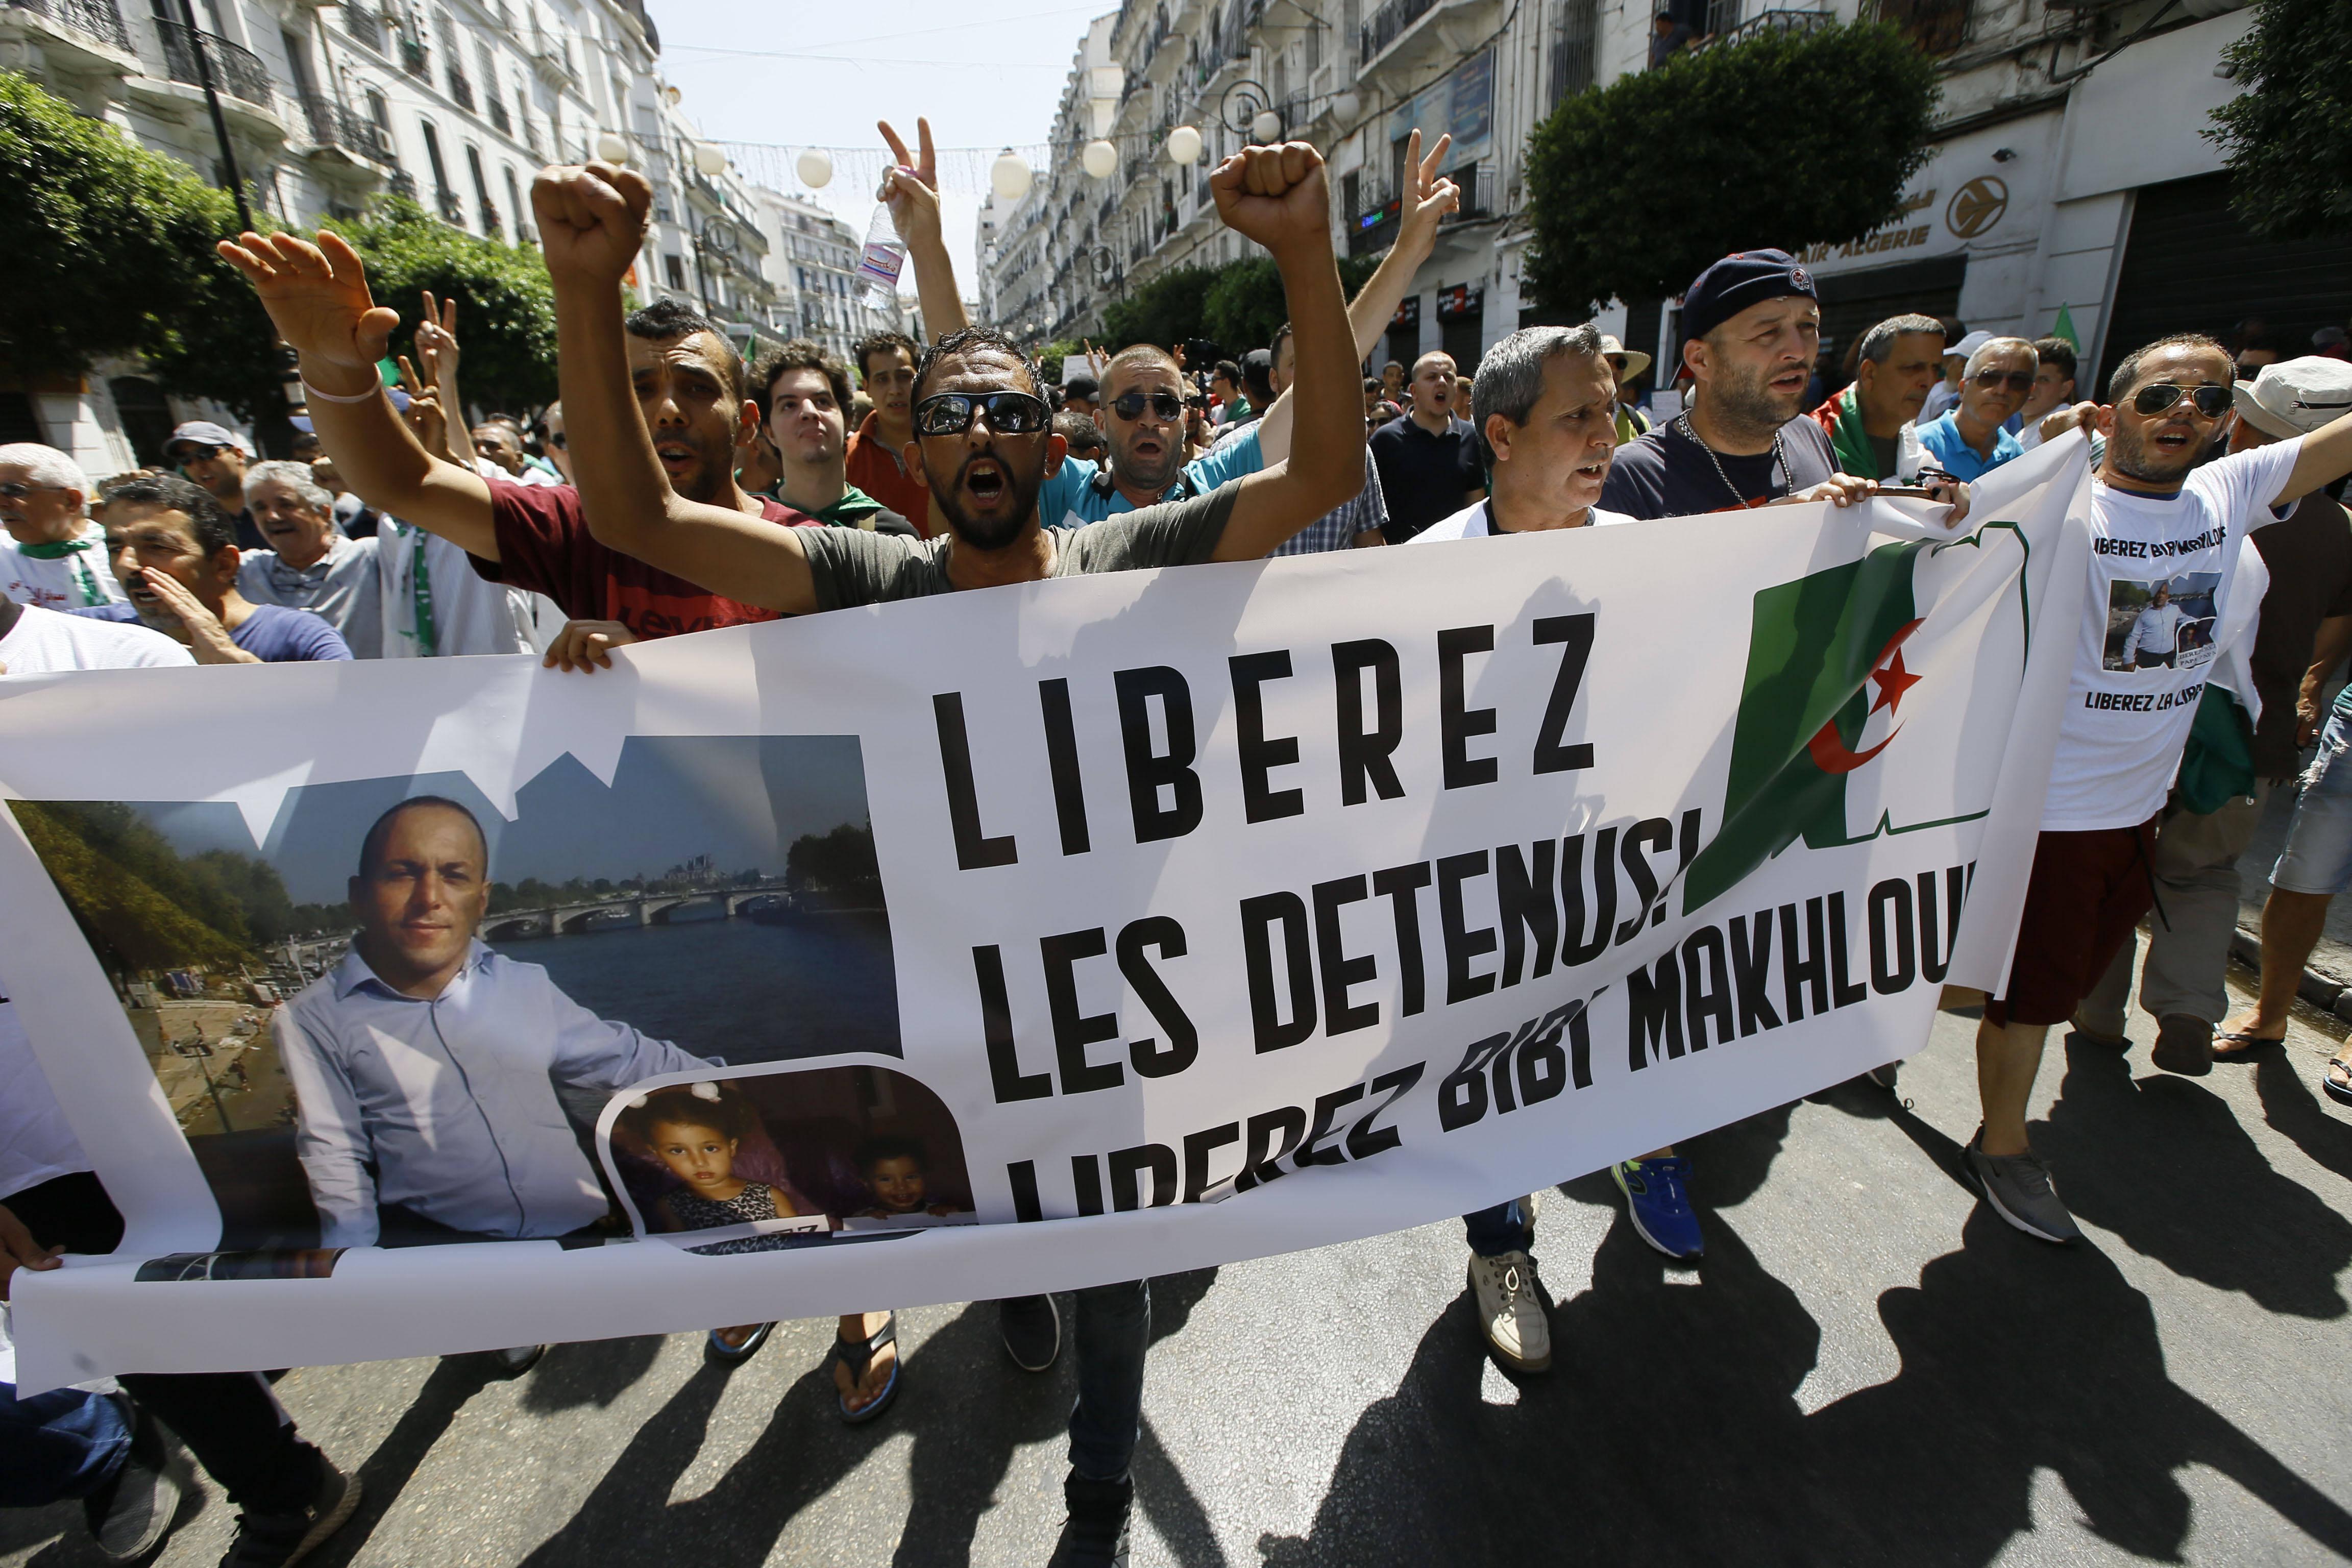 La libération des manifestants incarcérés fait partie du principal préalable fixé par le mouvement de contestation avant d'engager toute discussion.